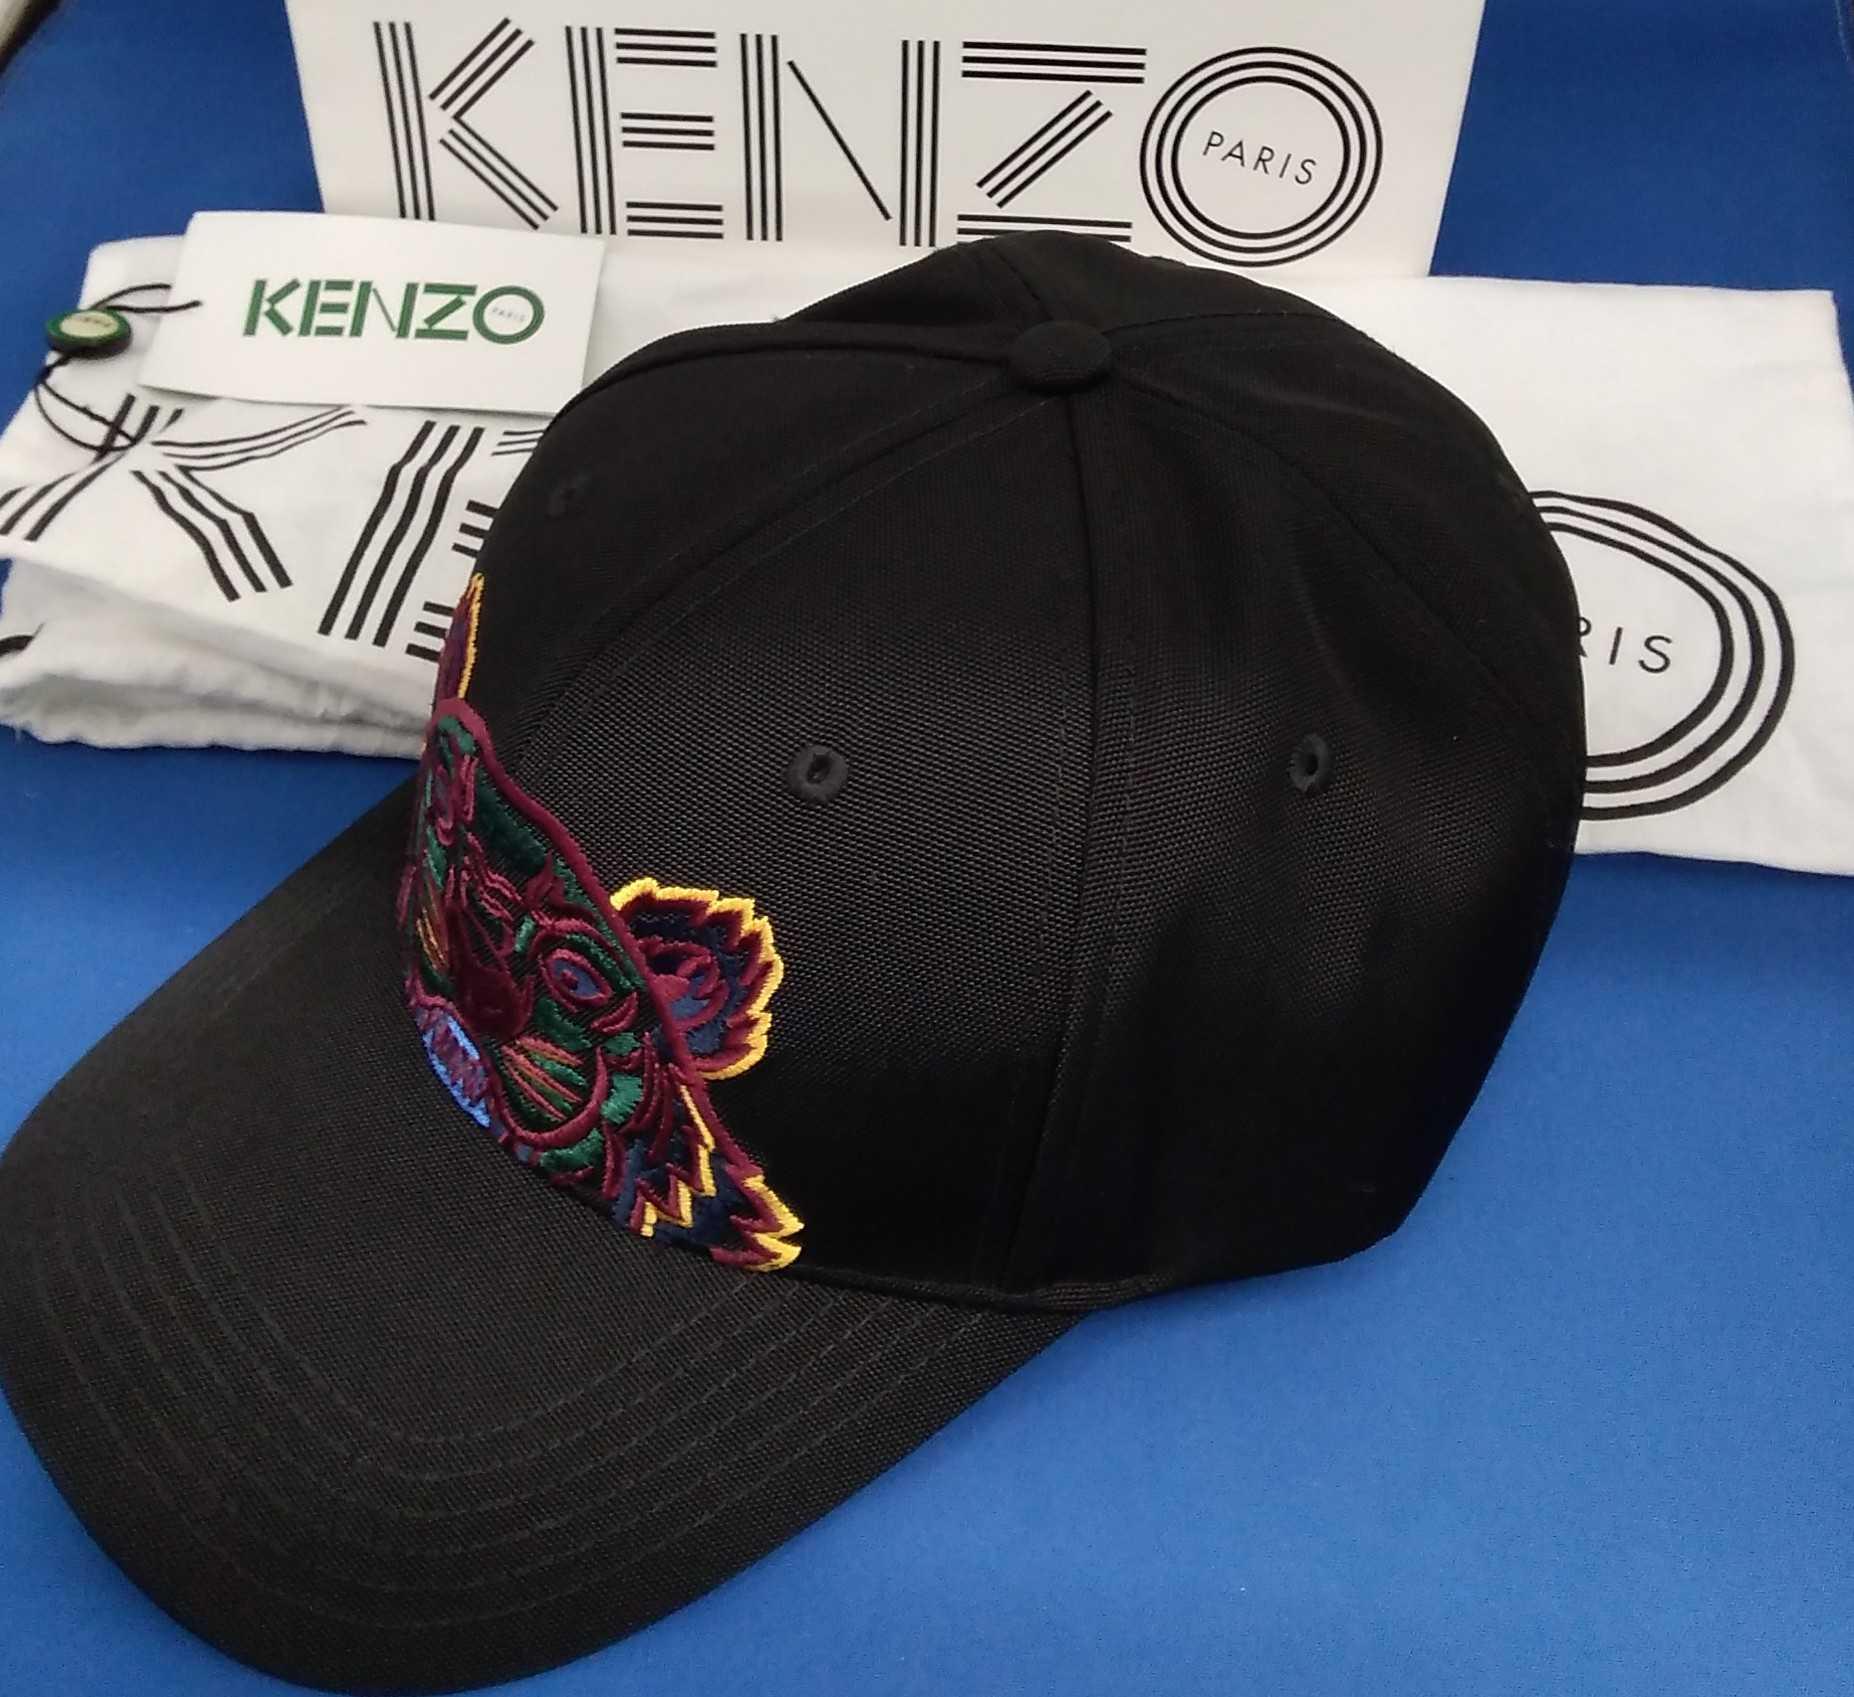 タイガー刺繍キャップ|KENZO